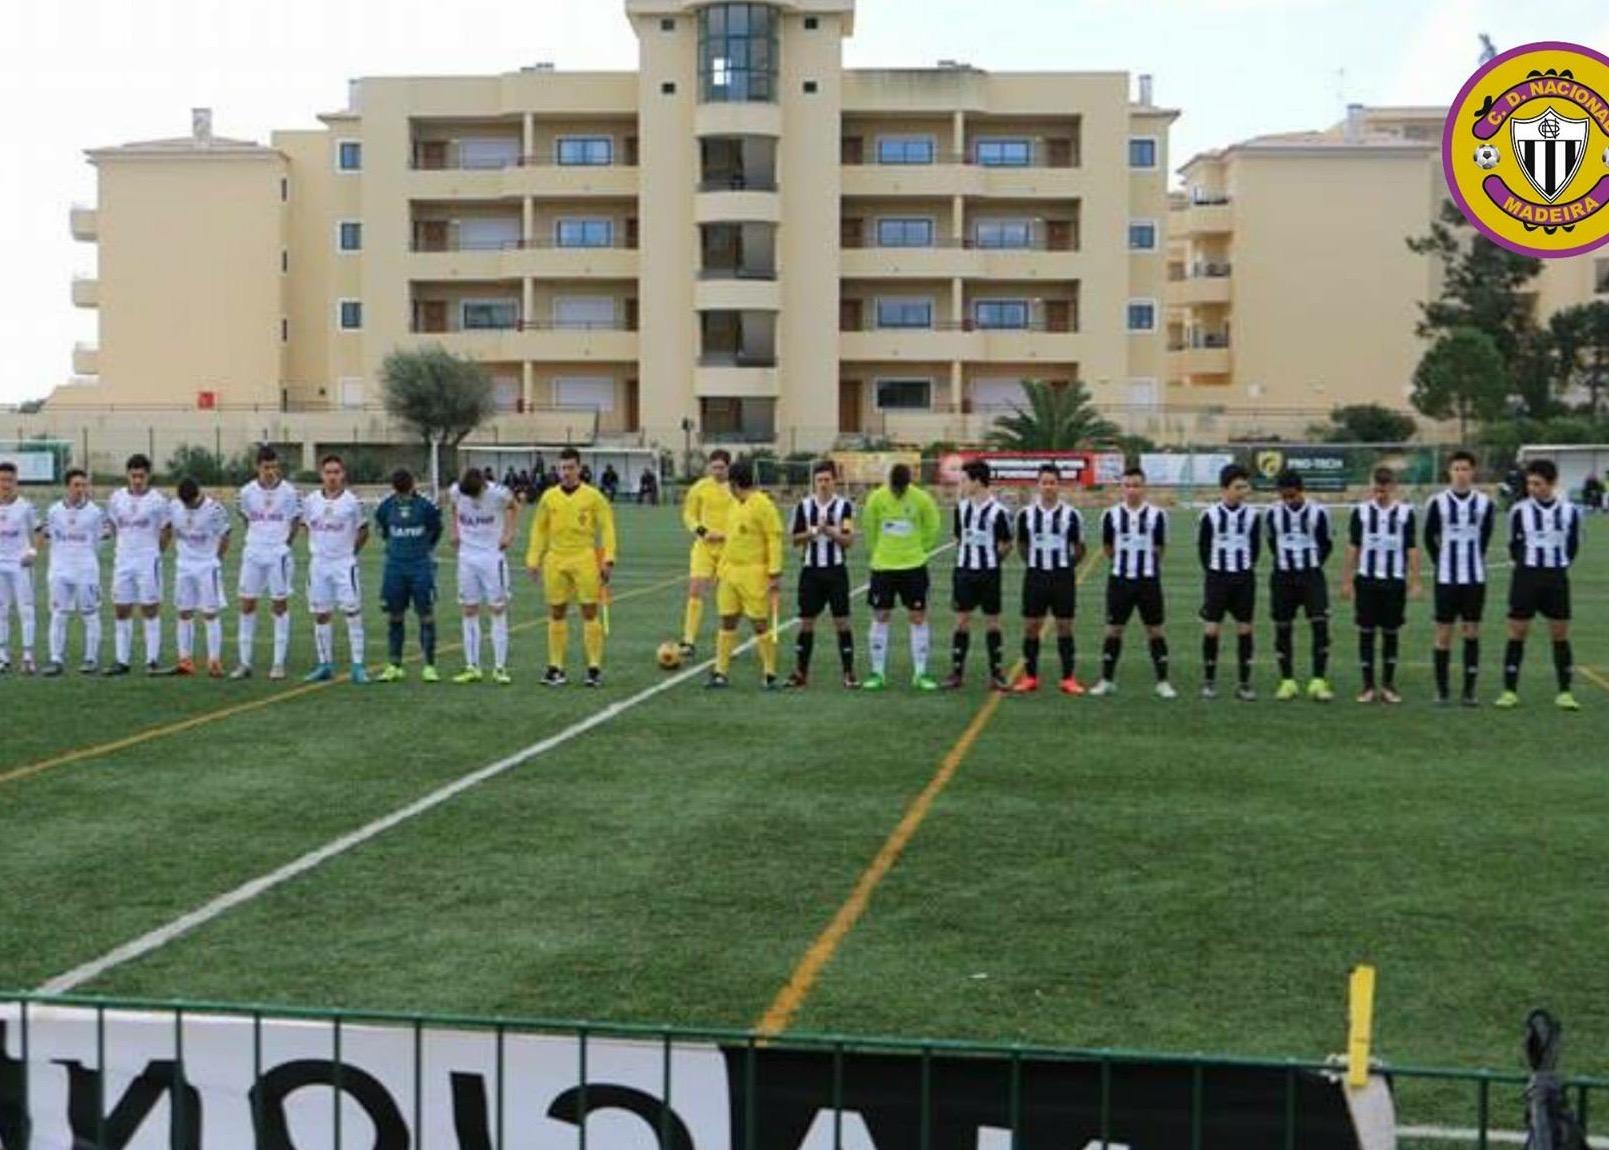 Feirense: Clube Desportivo Nacional Iniciados Derrotados Em Portimão